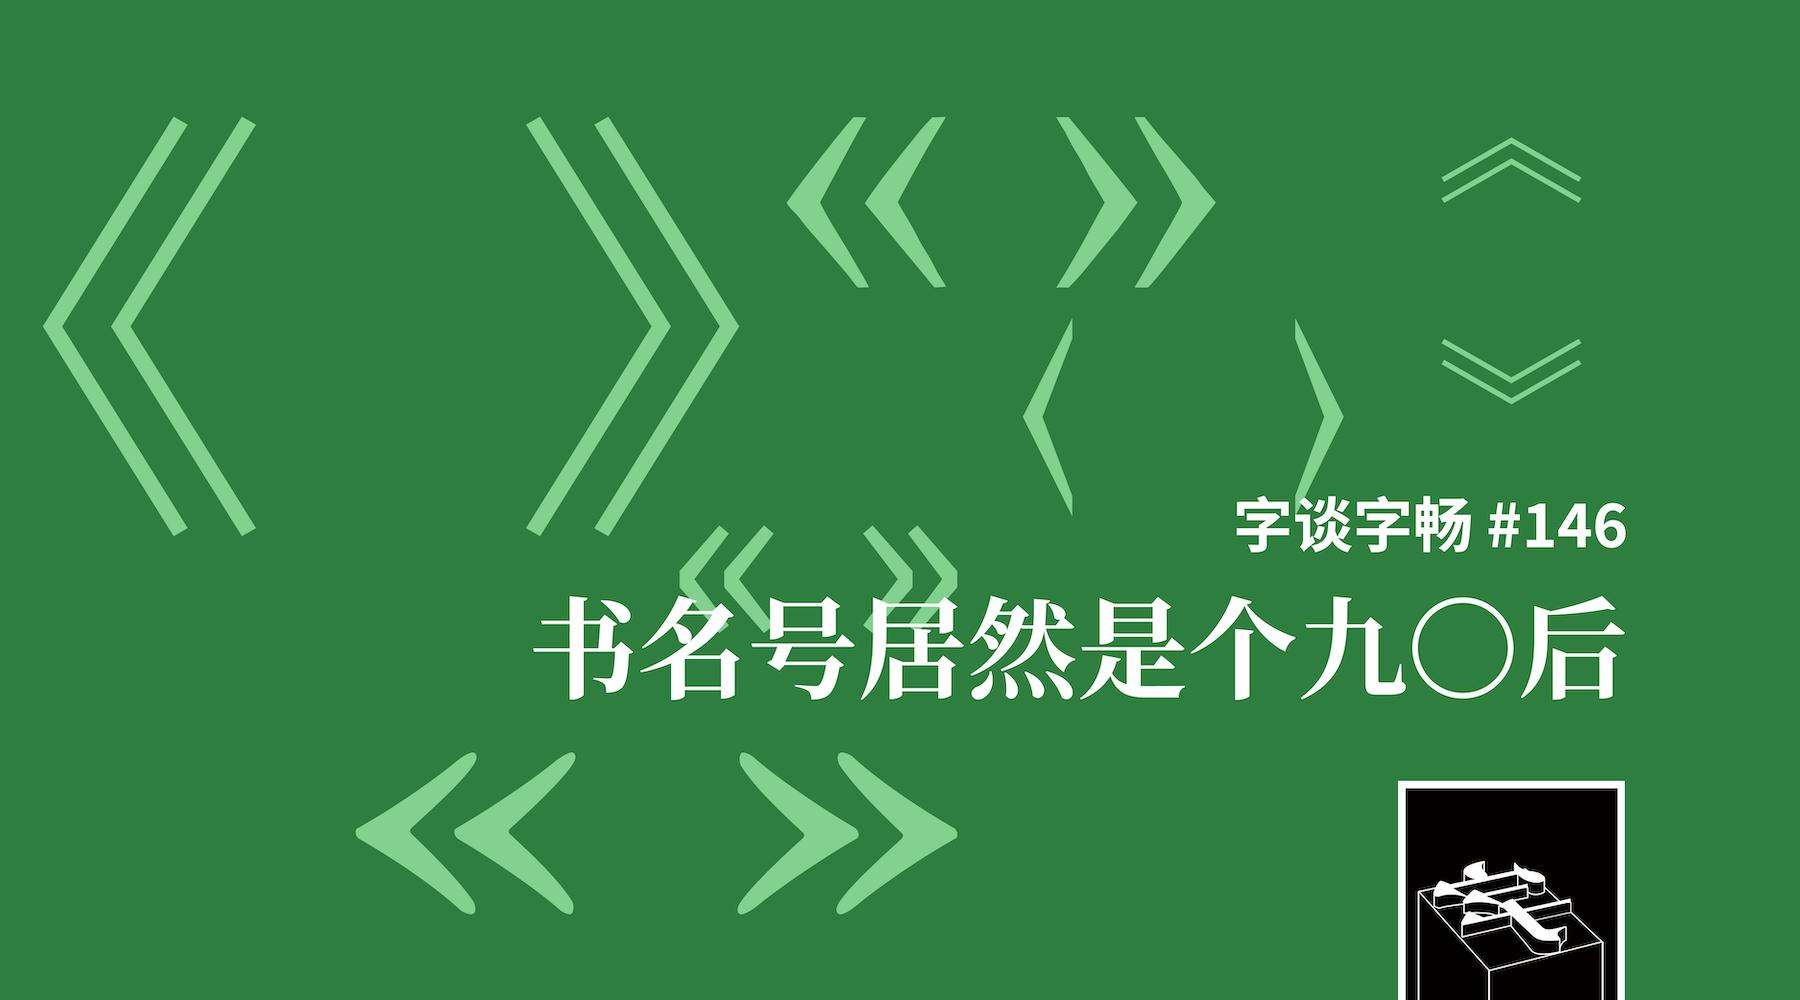 TypeChat #146